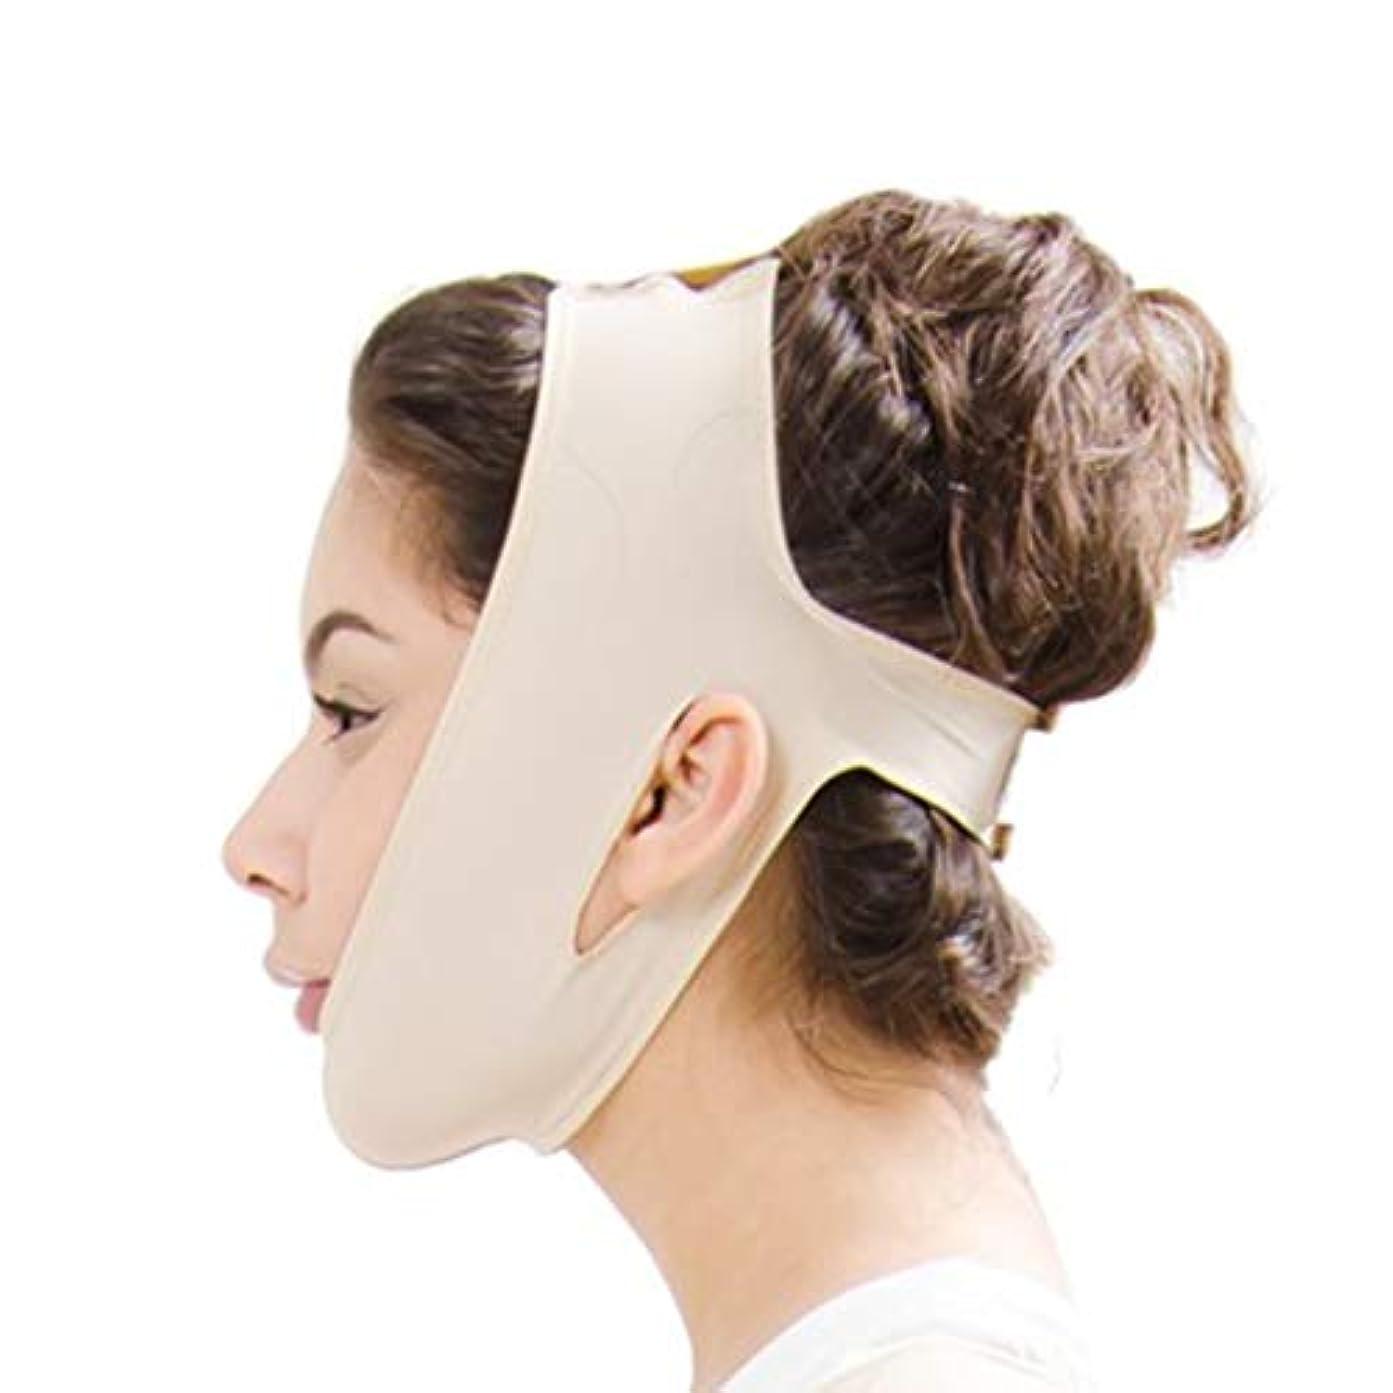 ヒュームコンピューター伸ばすXHLMRMJ フェイスリフトマスク、圧縮後の顎顔面二重あご化粧品脂肪吸引小さな顔包帯弾性ヘッドギア (Size : XXL)